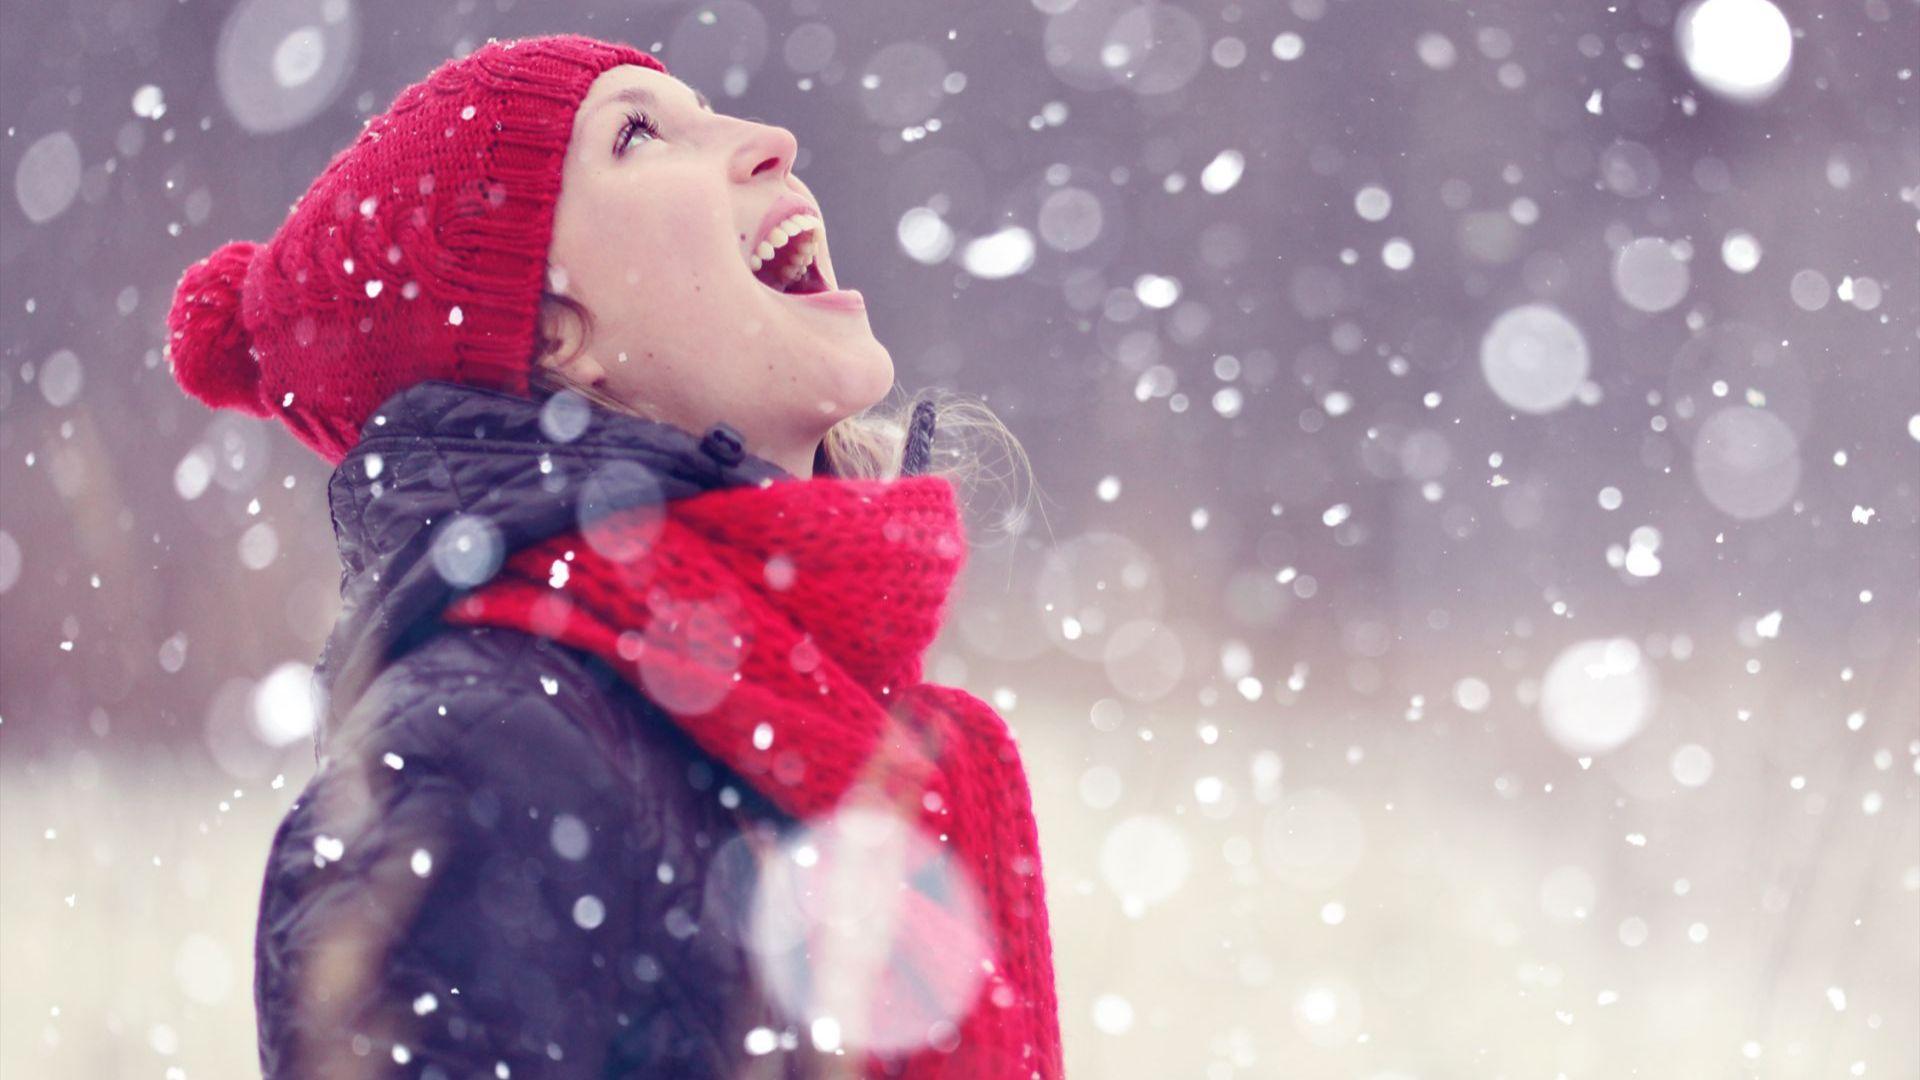 Може ли да се ядат снежинките?